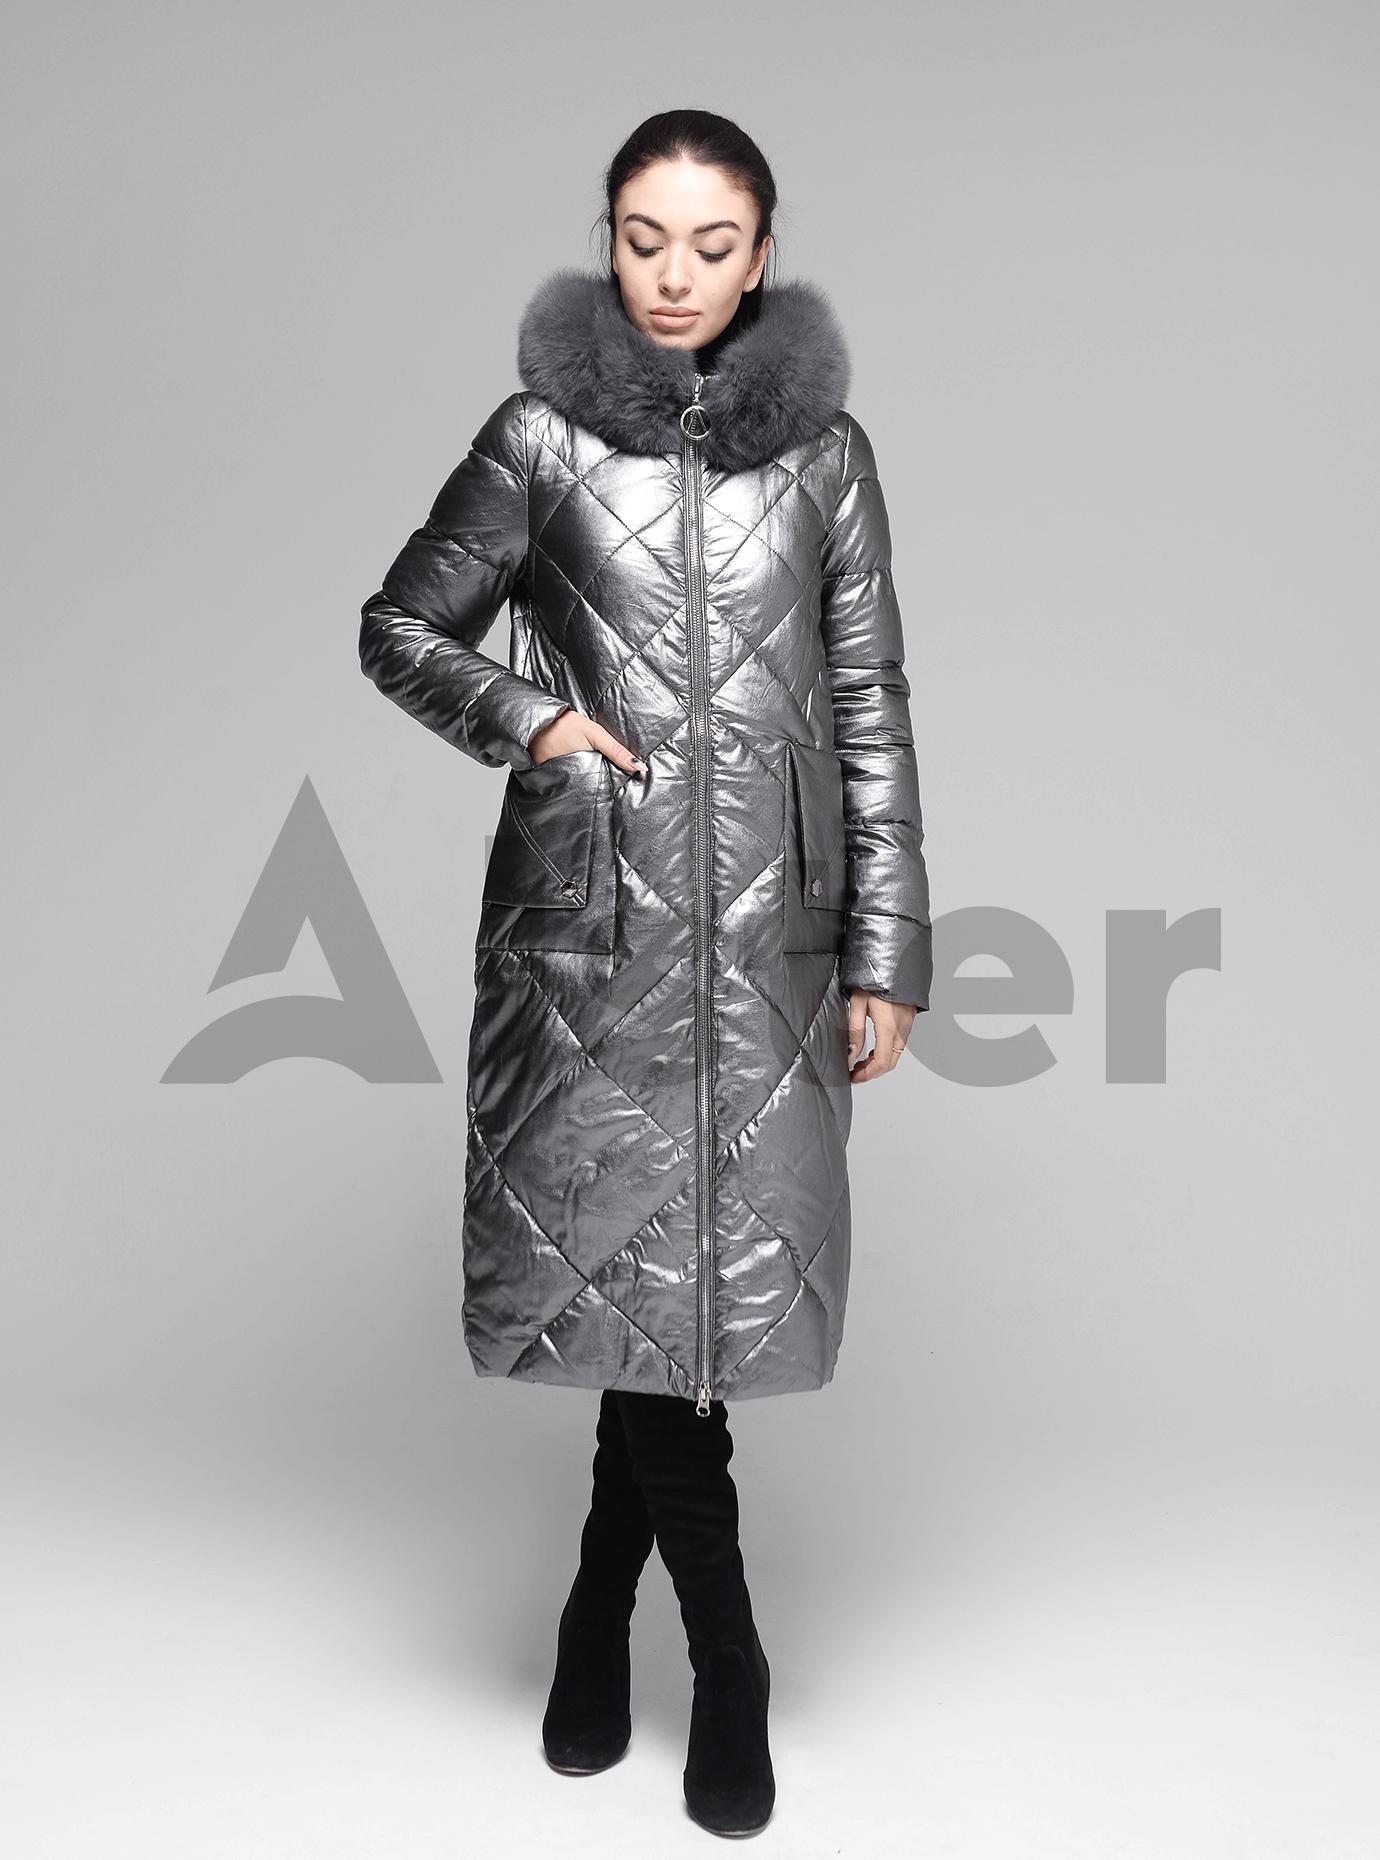 Куртка довга пряма з хутром песця на капюшоні Срібний S (05-ZL2125): фото - Alster.ua